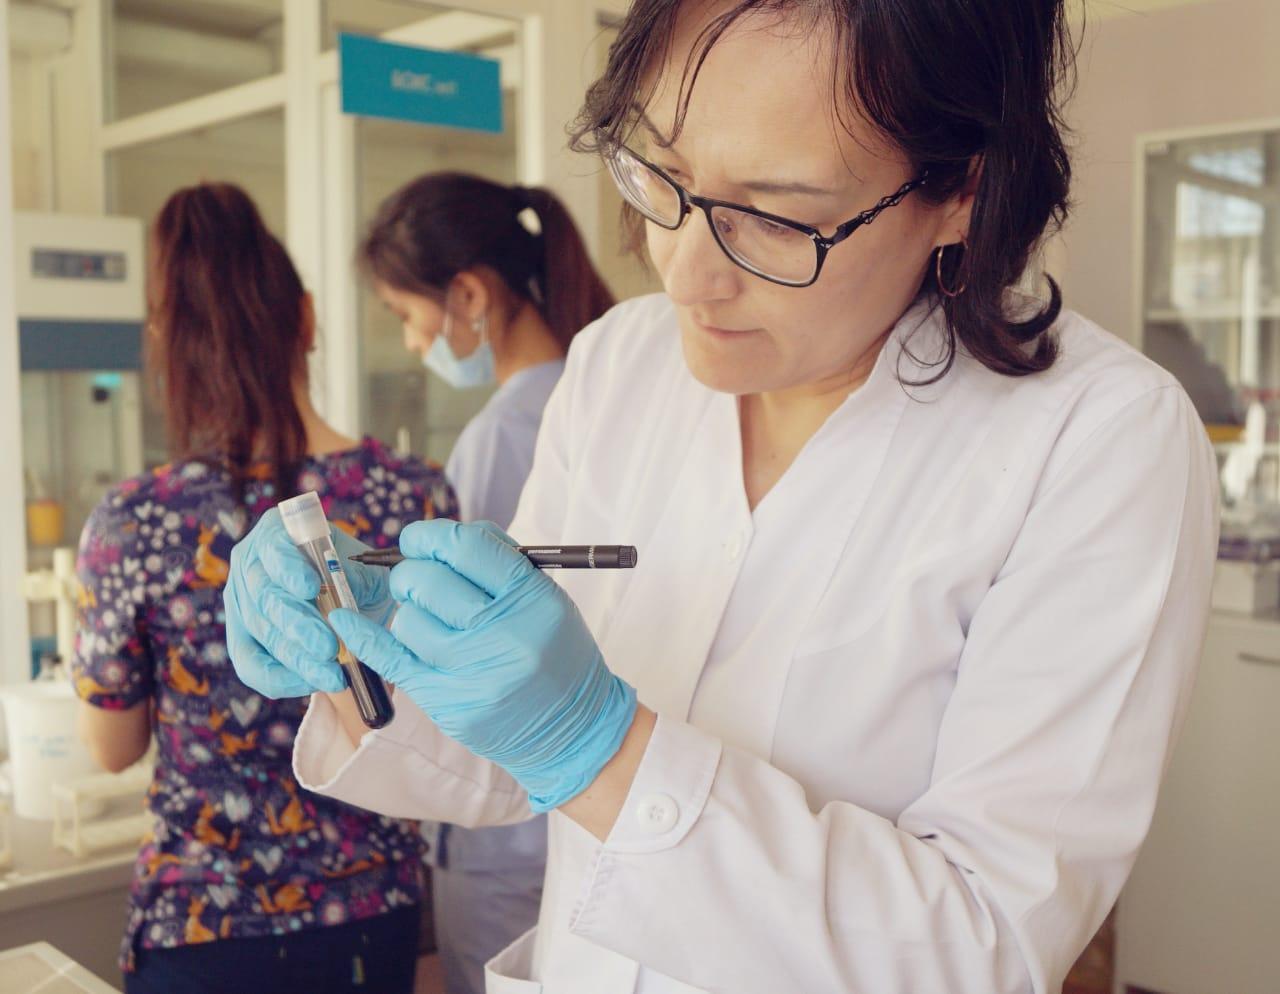 29 марта 2019 на базе лаборатории КазНИИОиР при поддержке компании АстраЗенека Казахстан прошел медицинский практический семинар «Молекулярно-генетическое тестирование пациентов с немелкоклеточным раком легкого».